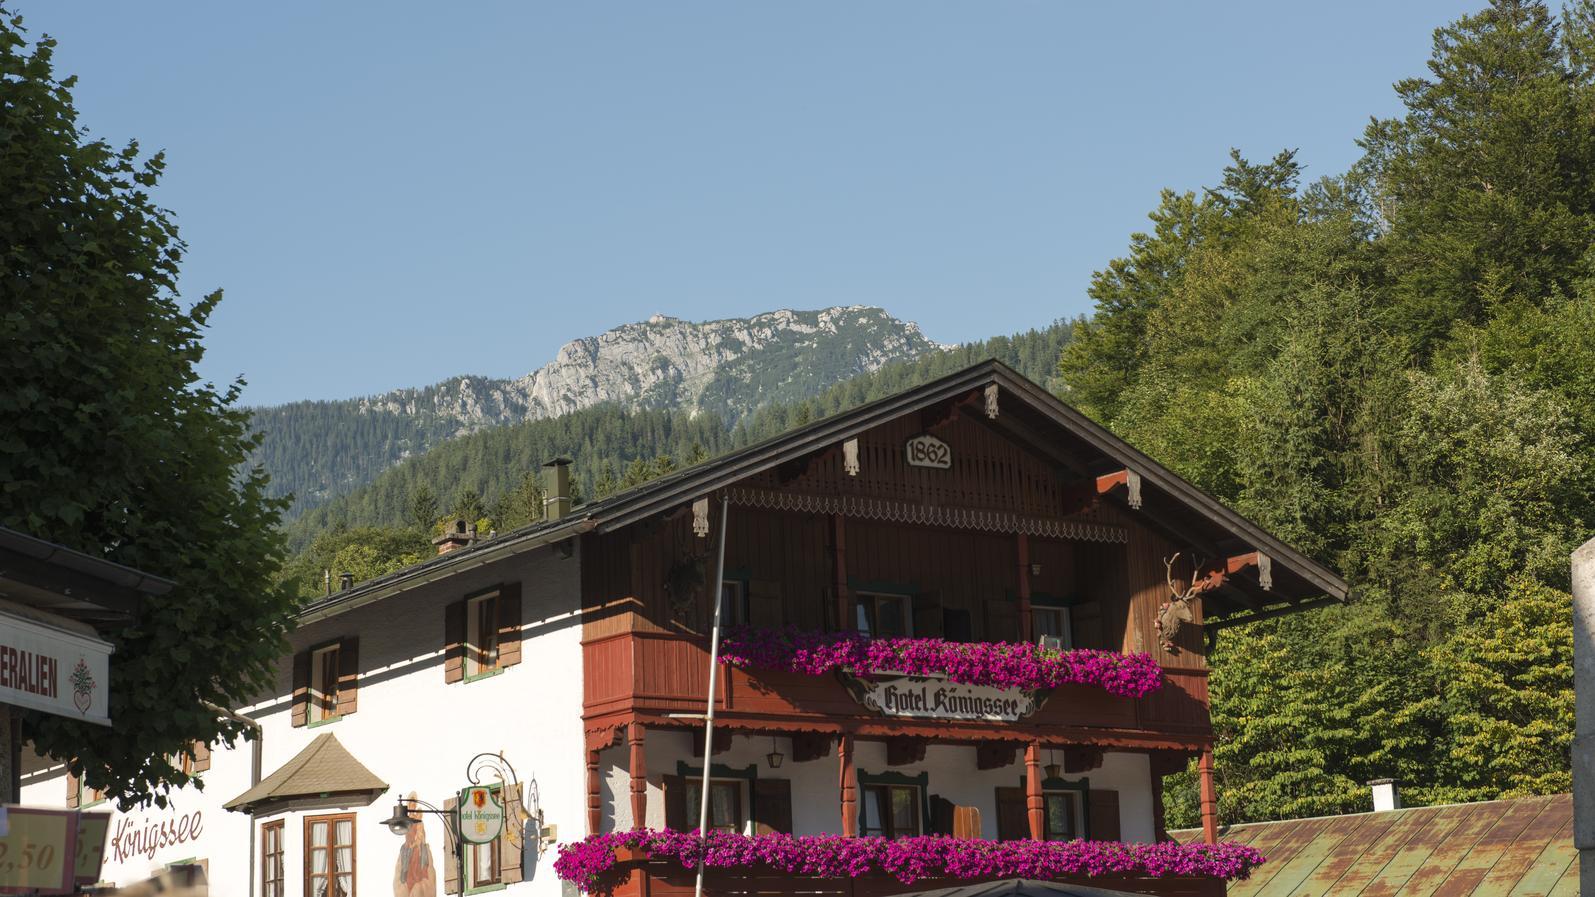 HotelKönigssee in Berchtesgaden am Königssee in Bayern mit blühenden Geranien auf dem Balkon